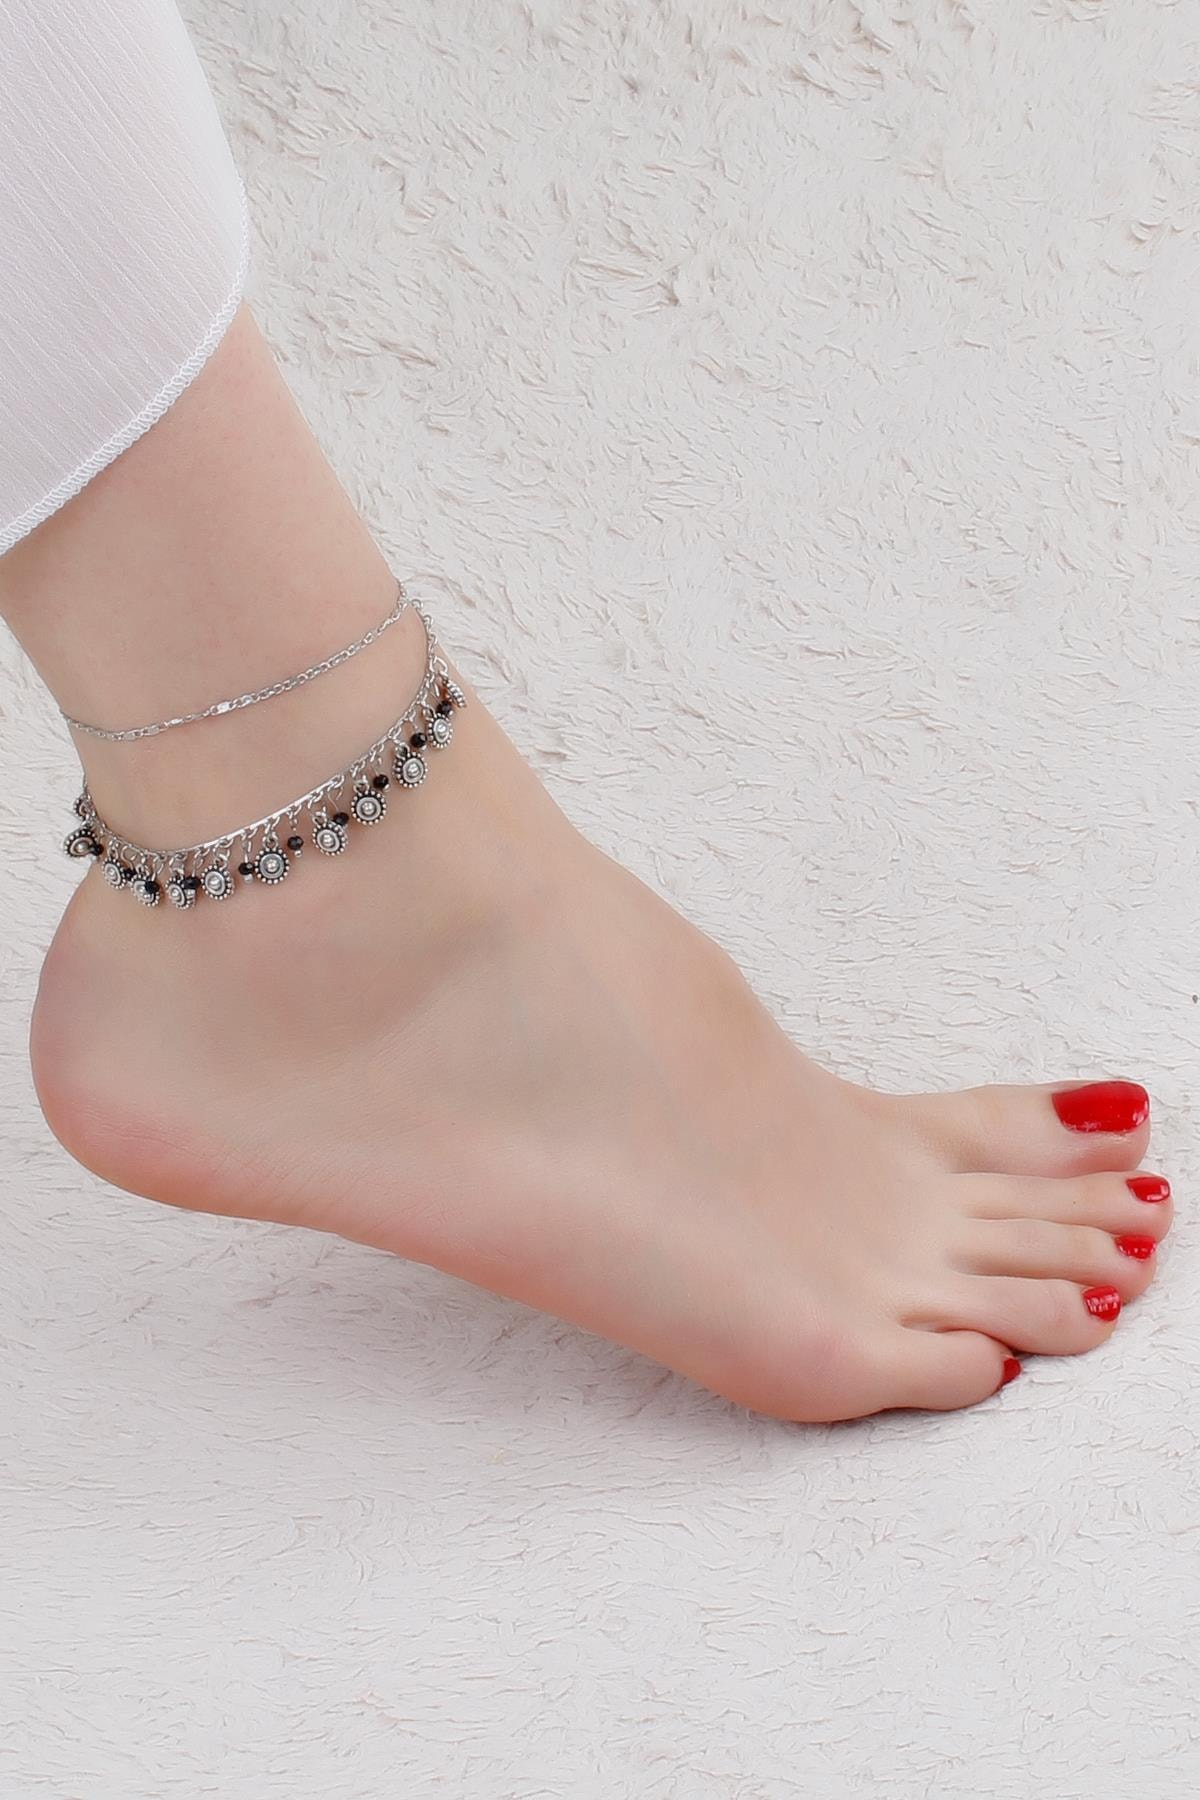 Kadın El Yapımı Otantik Gümüş Kaplama Halhal